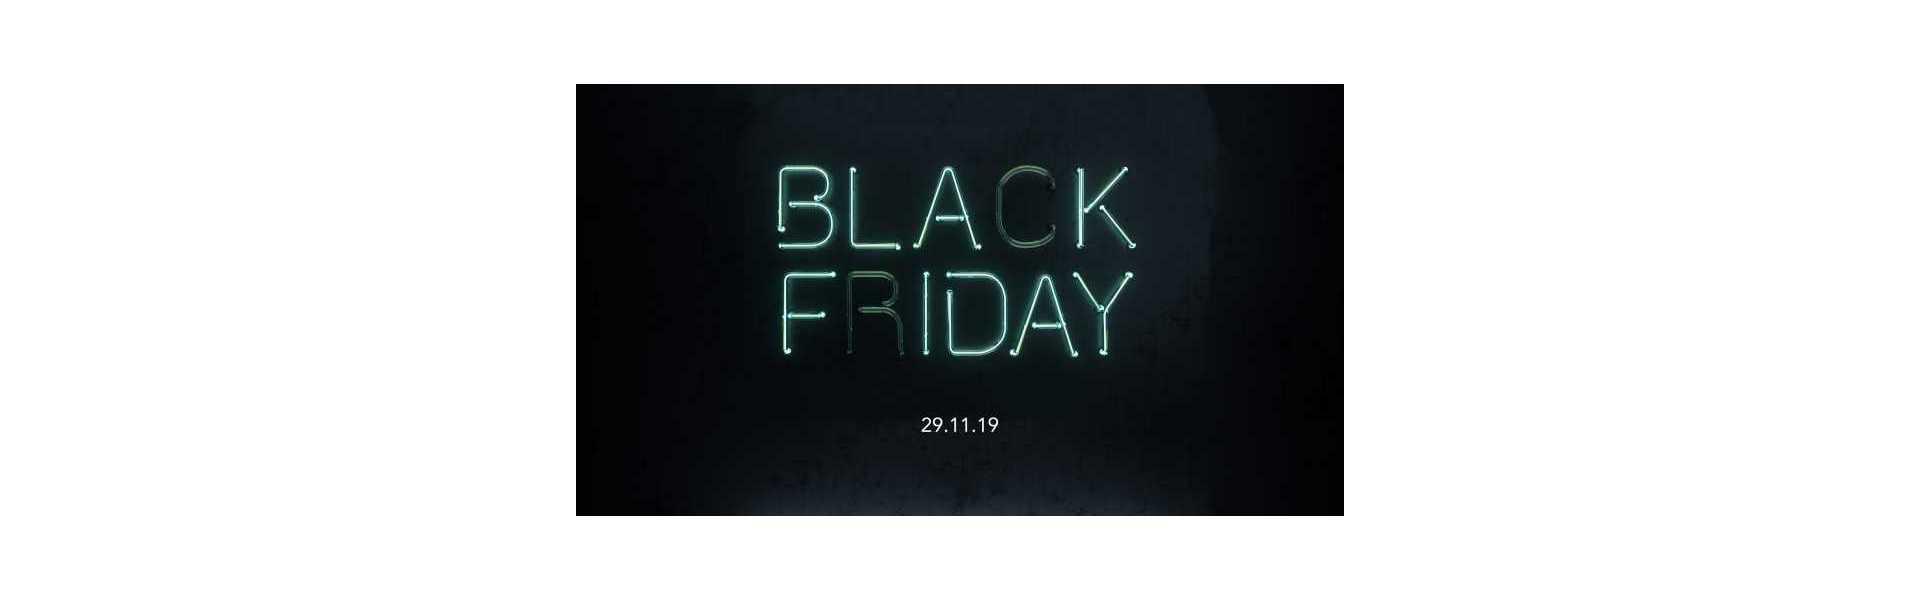 Black Friday, acquista prodotti dal nostro catalogo con sconti esclusivi.